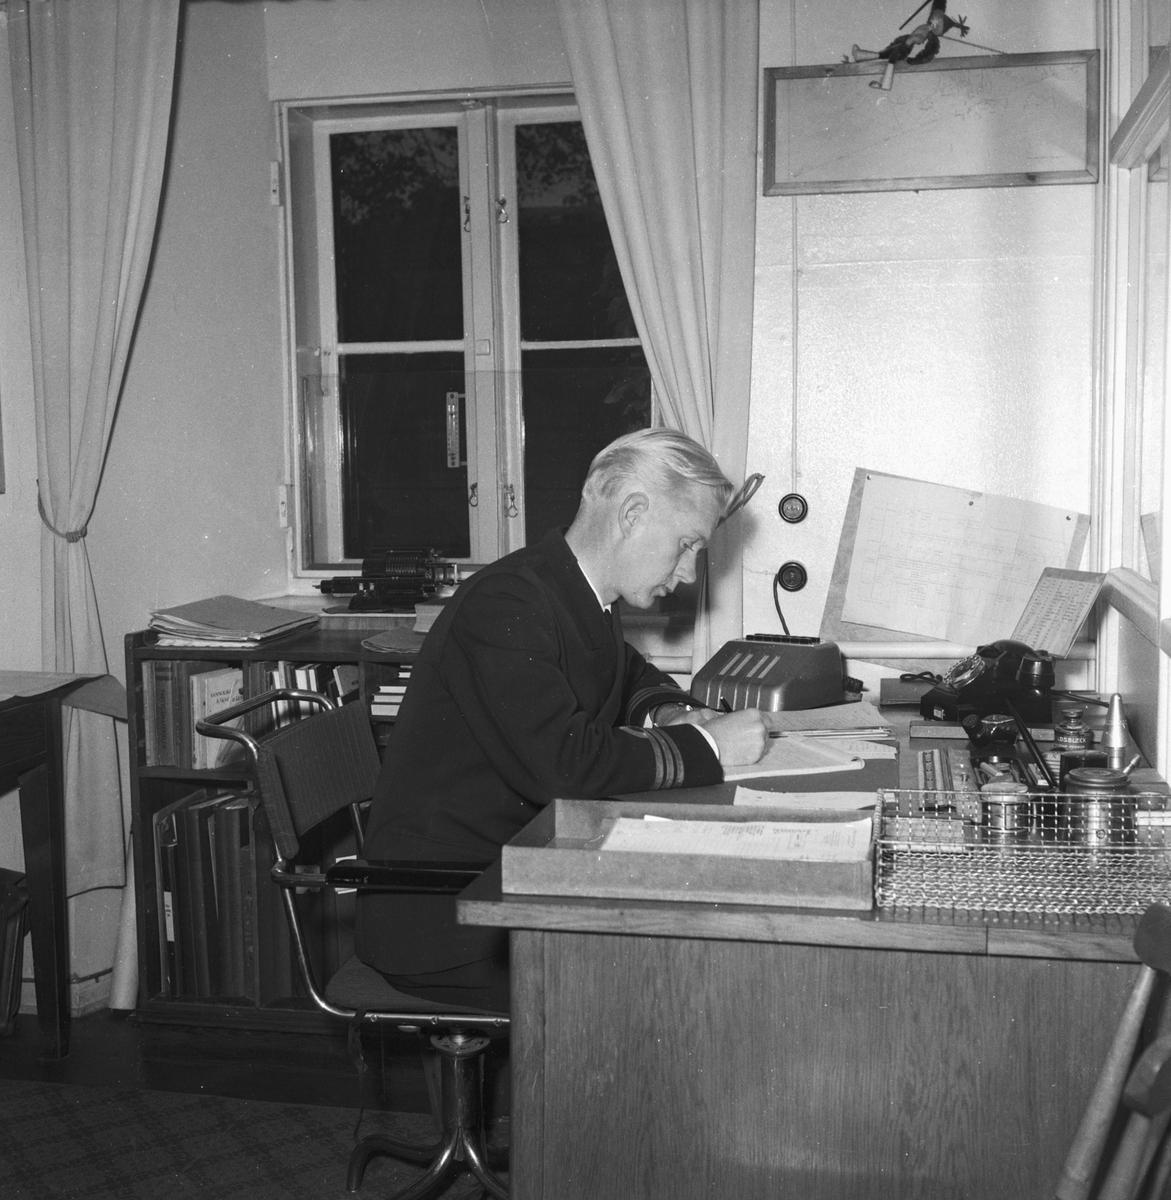 Övrigt: Foto datum: 16/10 1953 Byggnader och kranar Art sekt personal interiör